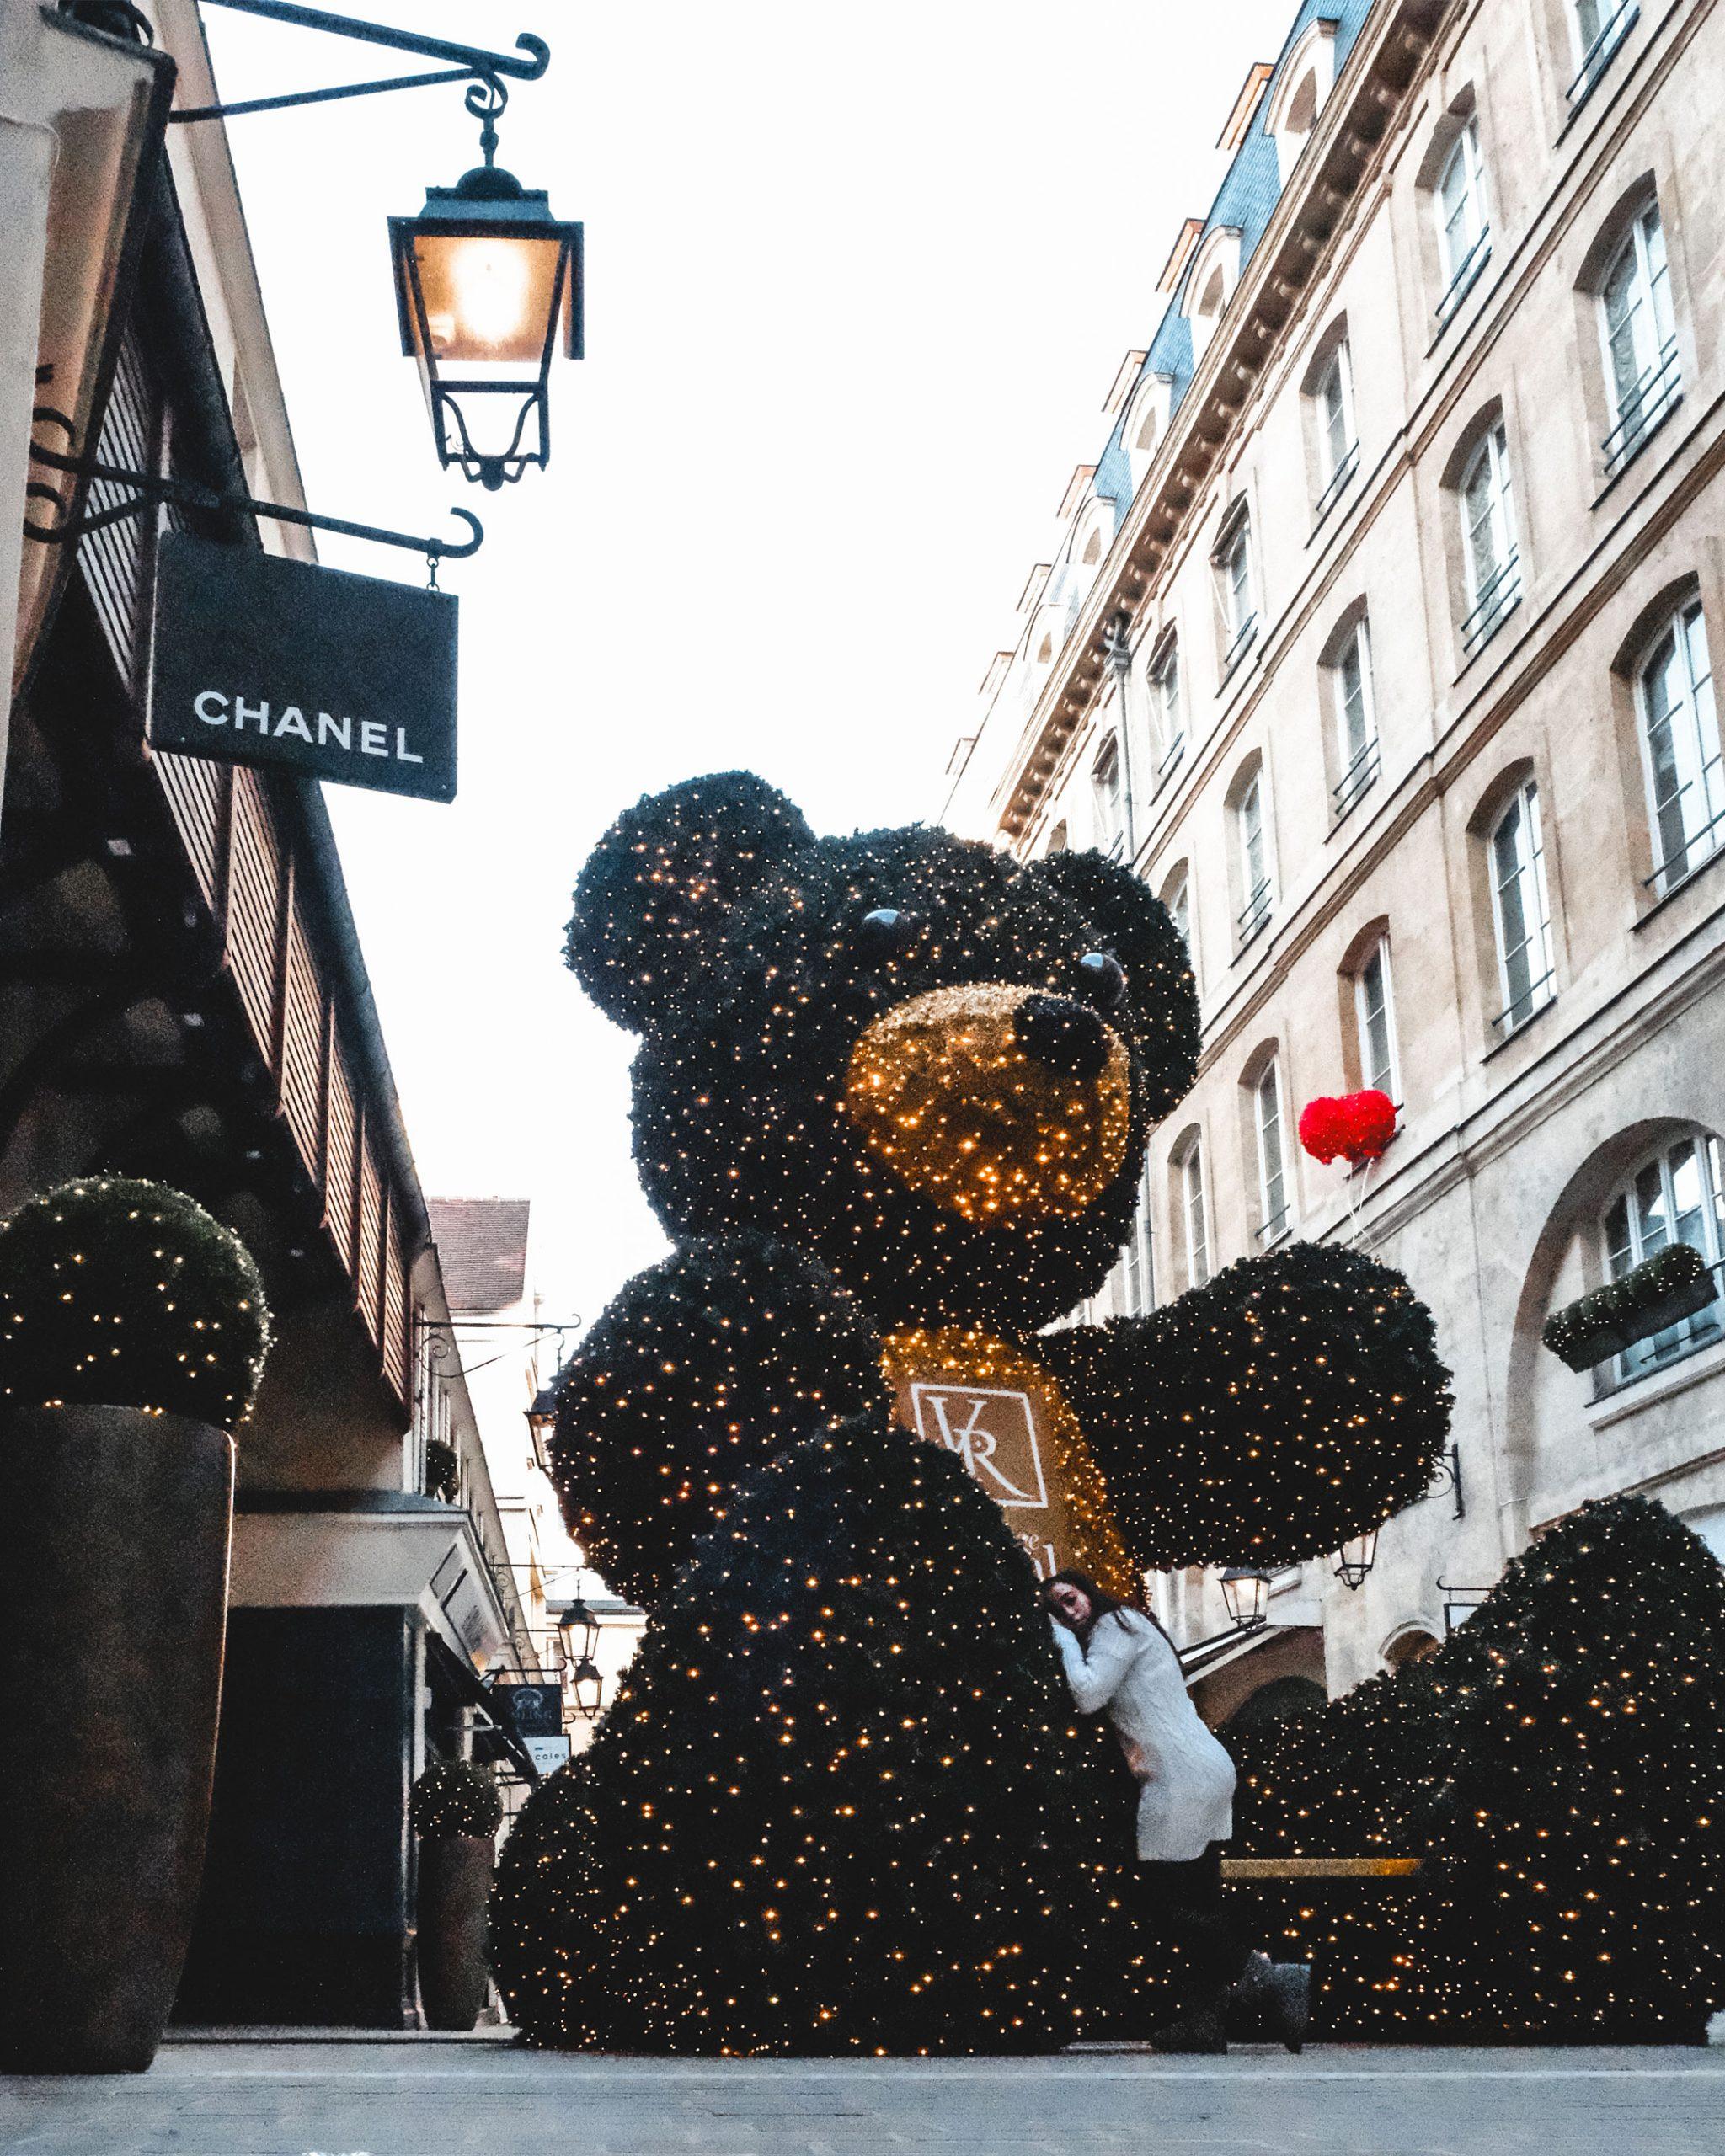 le village royal Paris. Parcours de Noël  à paris. Les plus belles places à voir pendant la période des fêtes